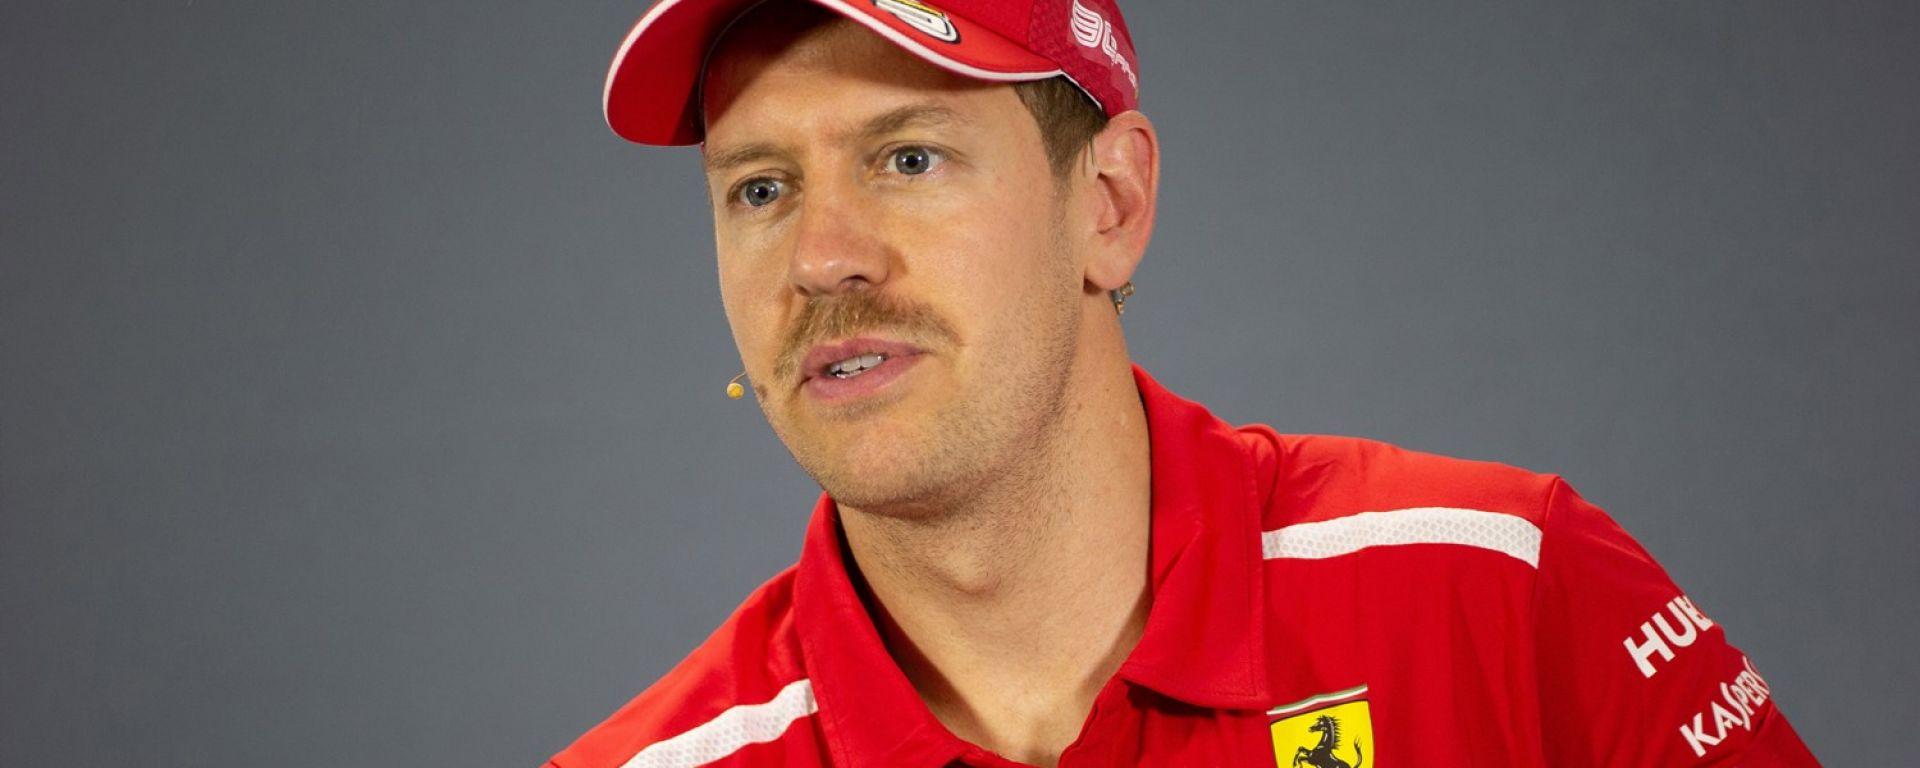 """F1 GP Australia 2019, Vettel deluso. Leclerc: """"Avevo il ritmo per passarlo"""""""